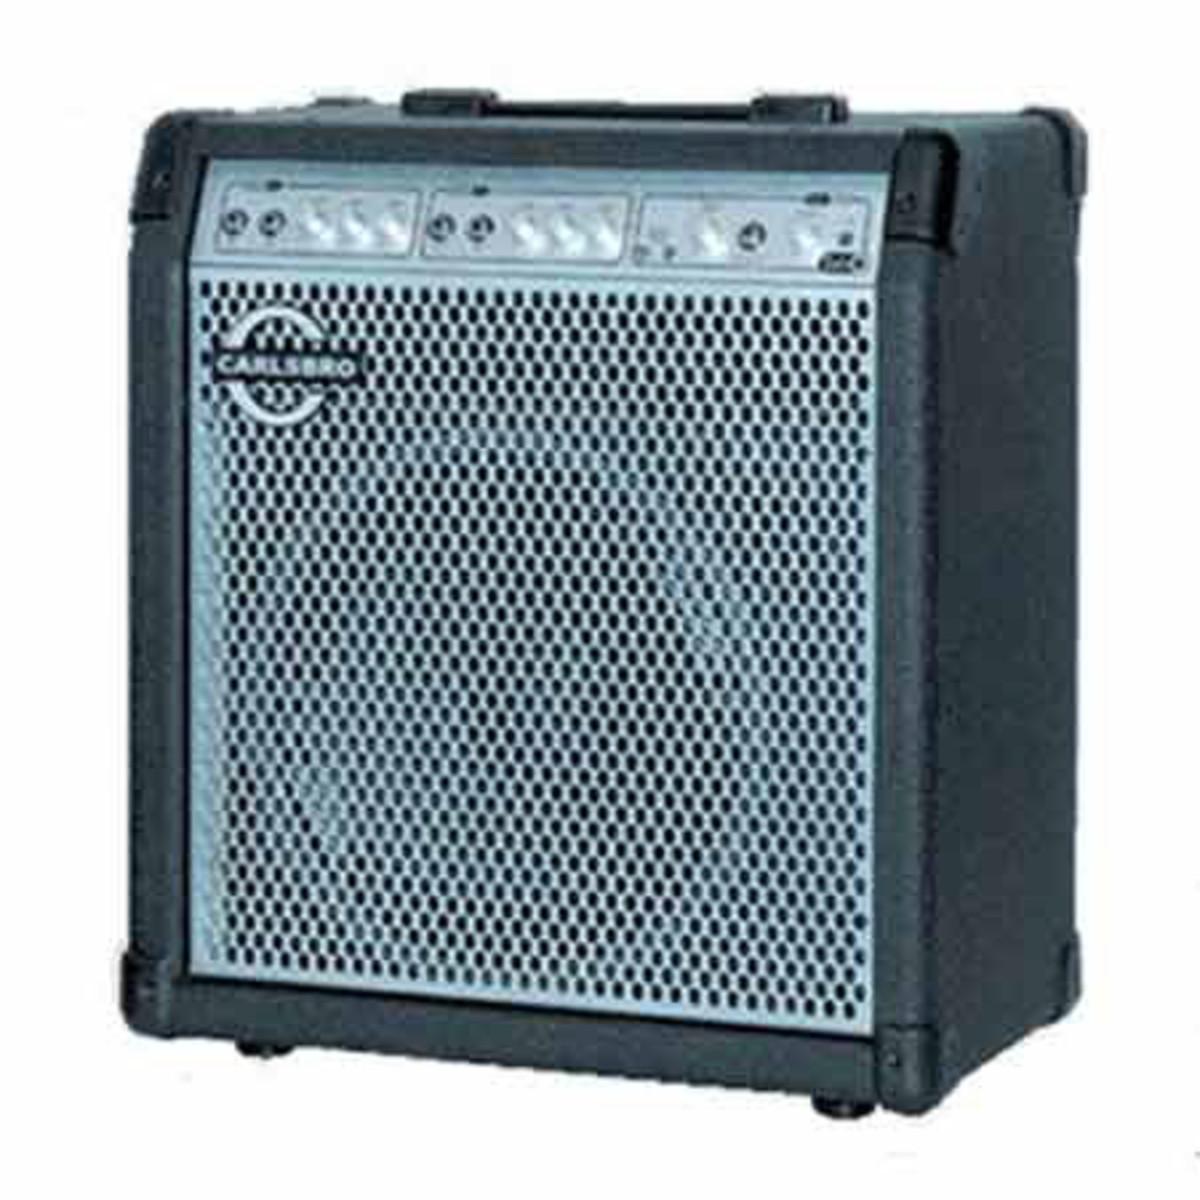 carlsbro colt 85 keyboard amplifier at gear4music. Black Bedroom Furniture Sets. Home Design Ideas